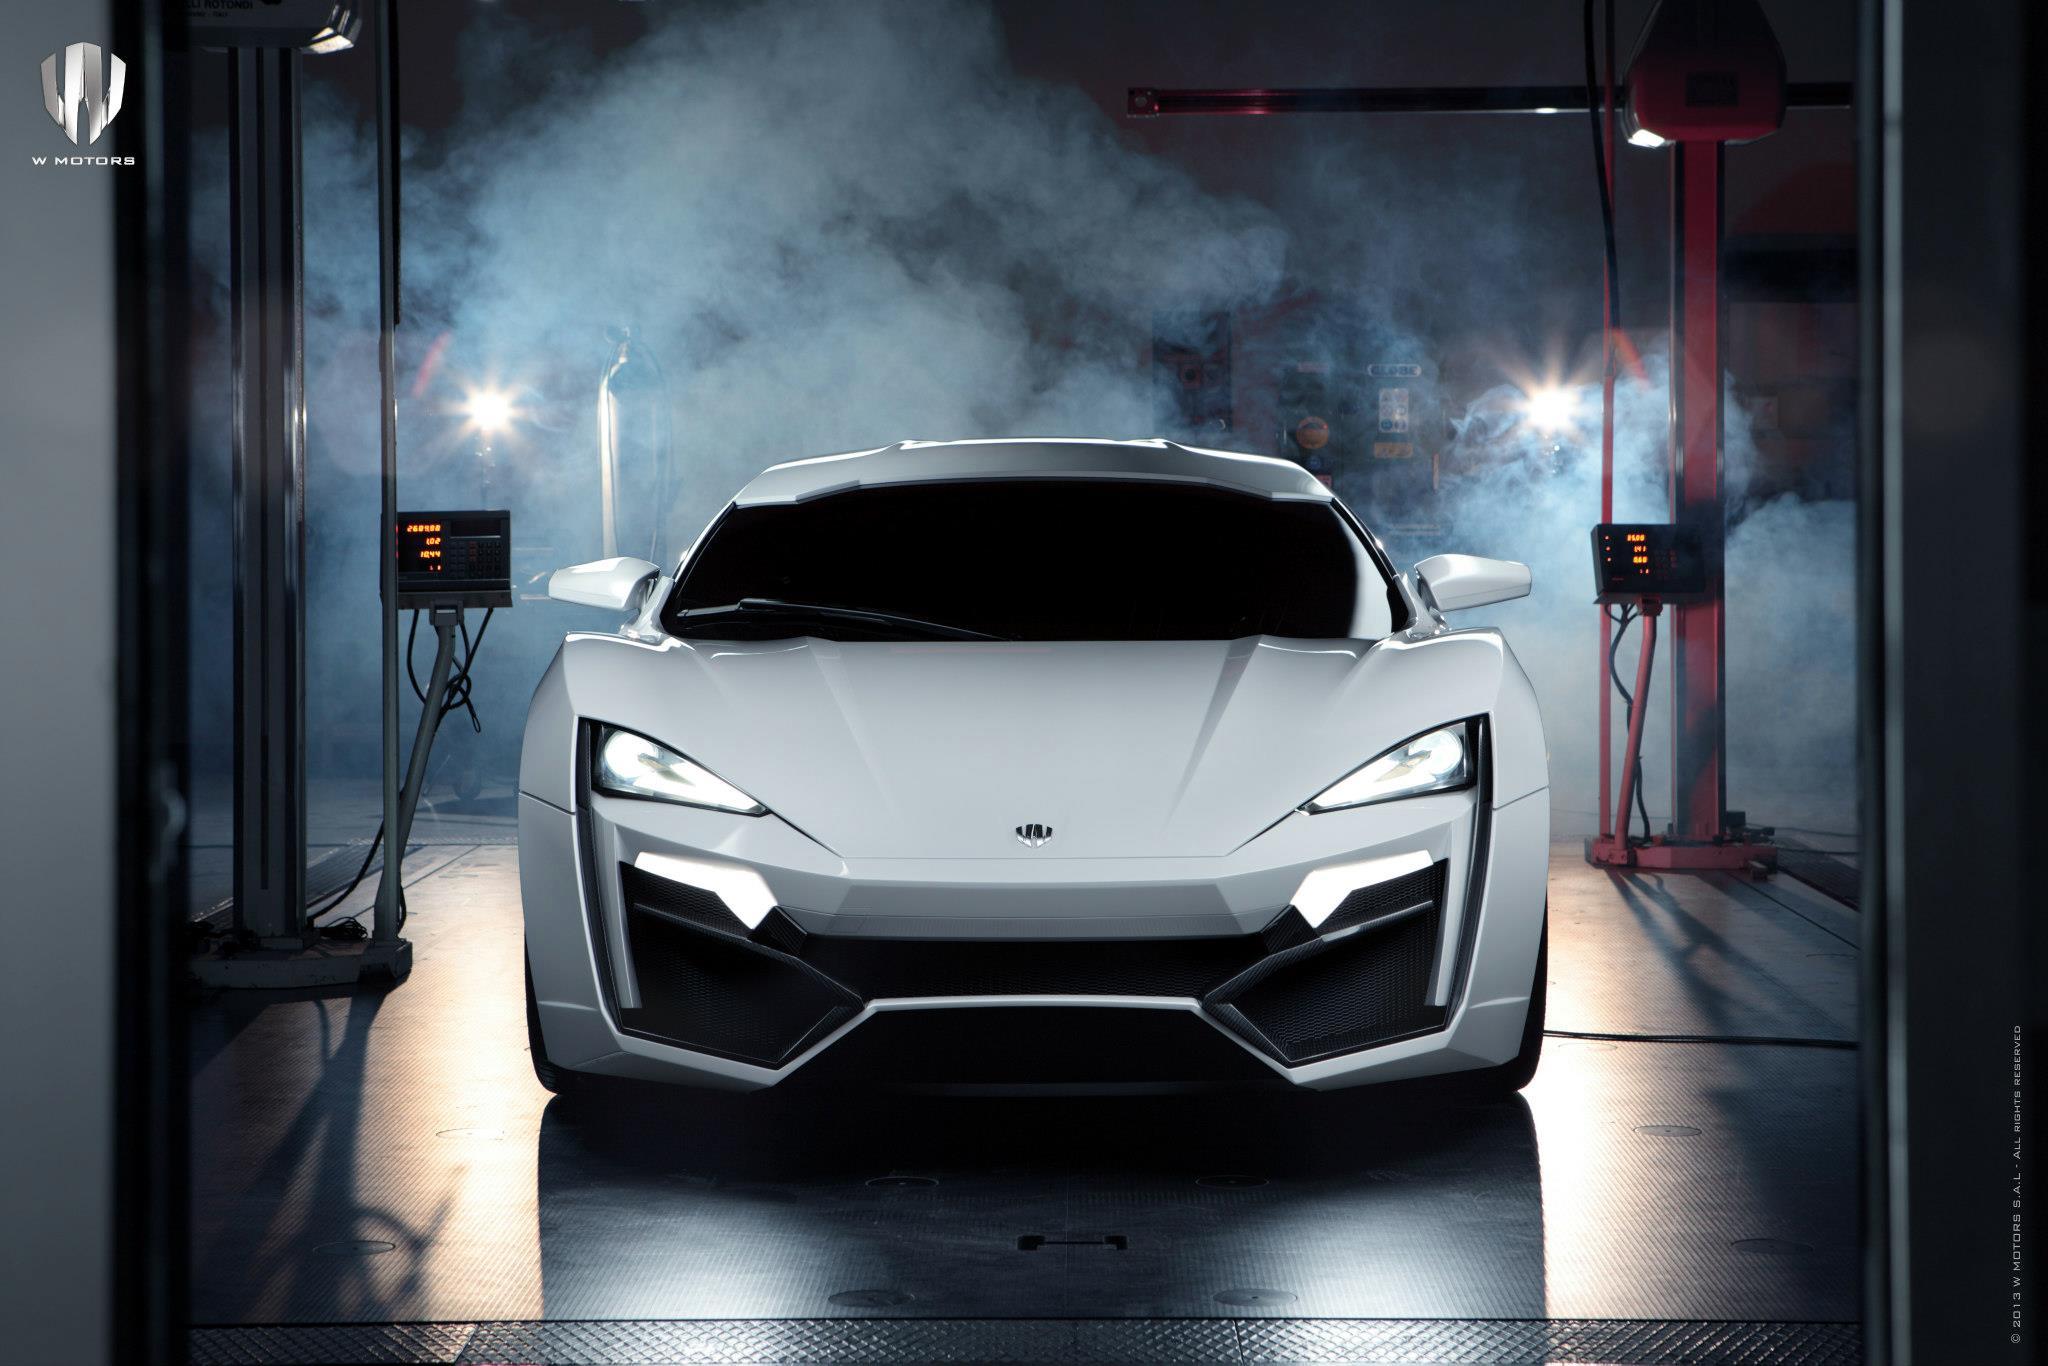 http://images.caradisiac.com/images/4/1/6/3/84163/S0-La-plus-chere-de-tous-les-temps-se-nomme-W-Motors-Lykan-Hypersport-284186.jpg